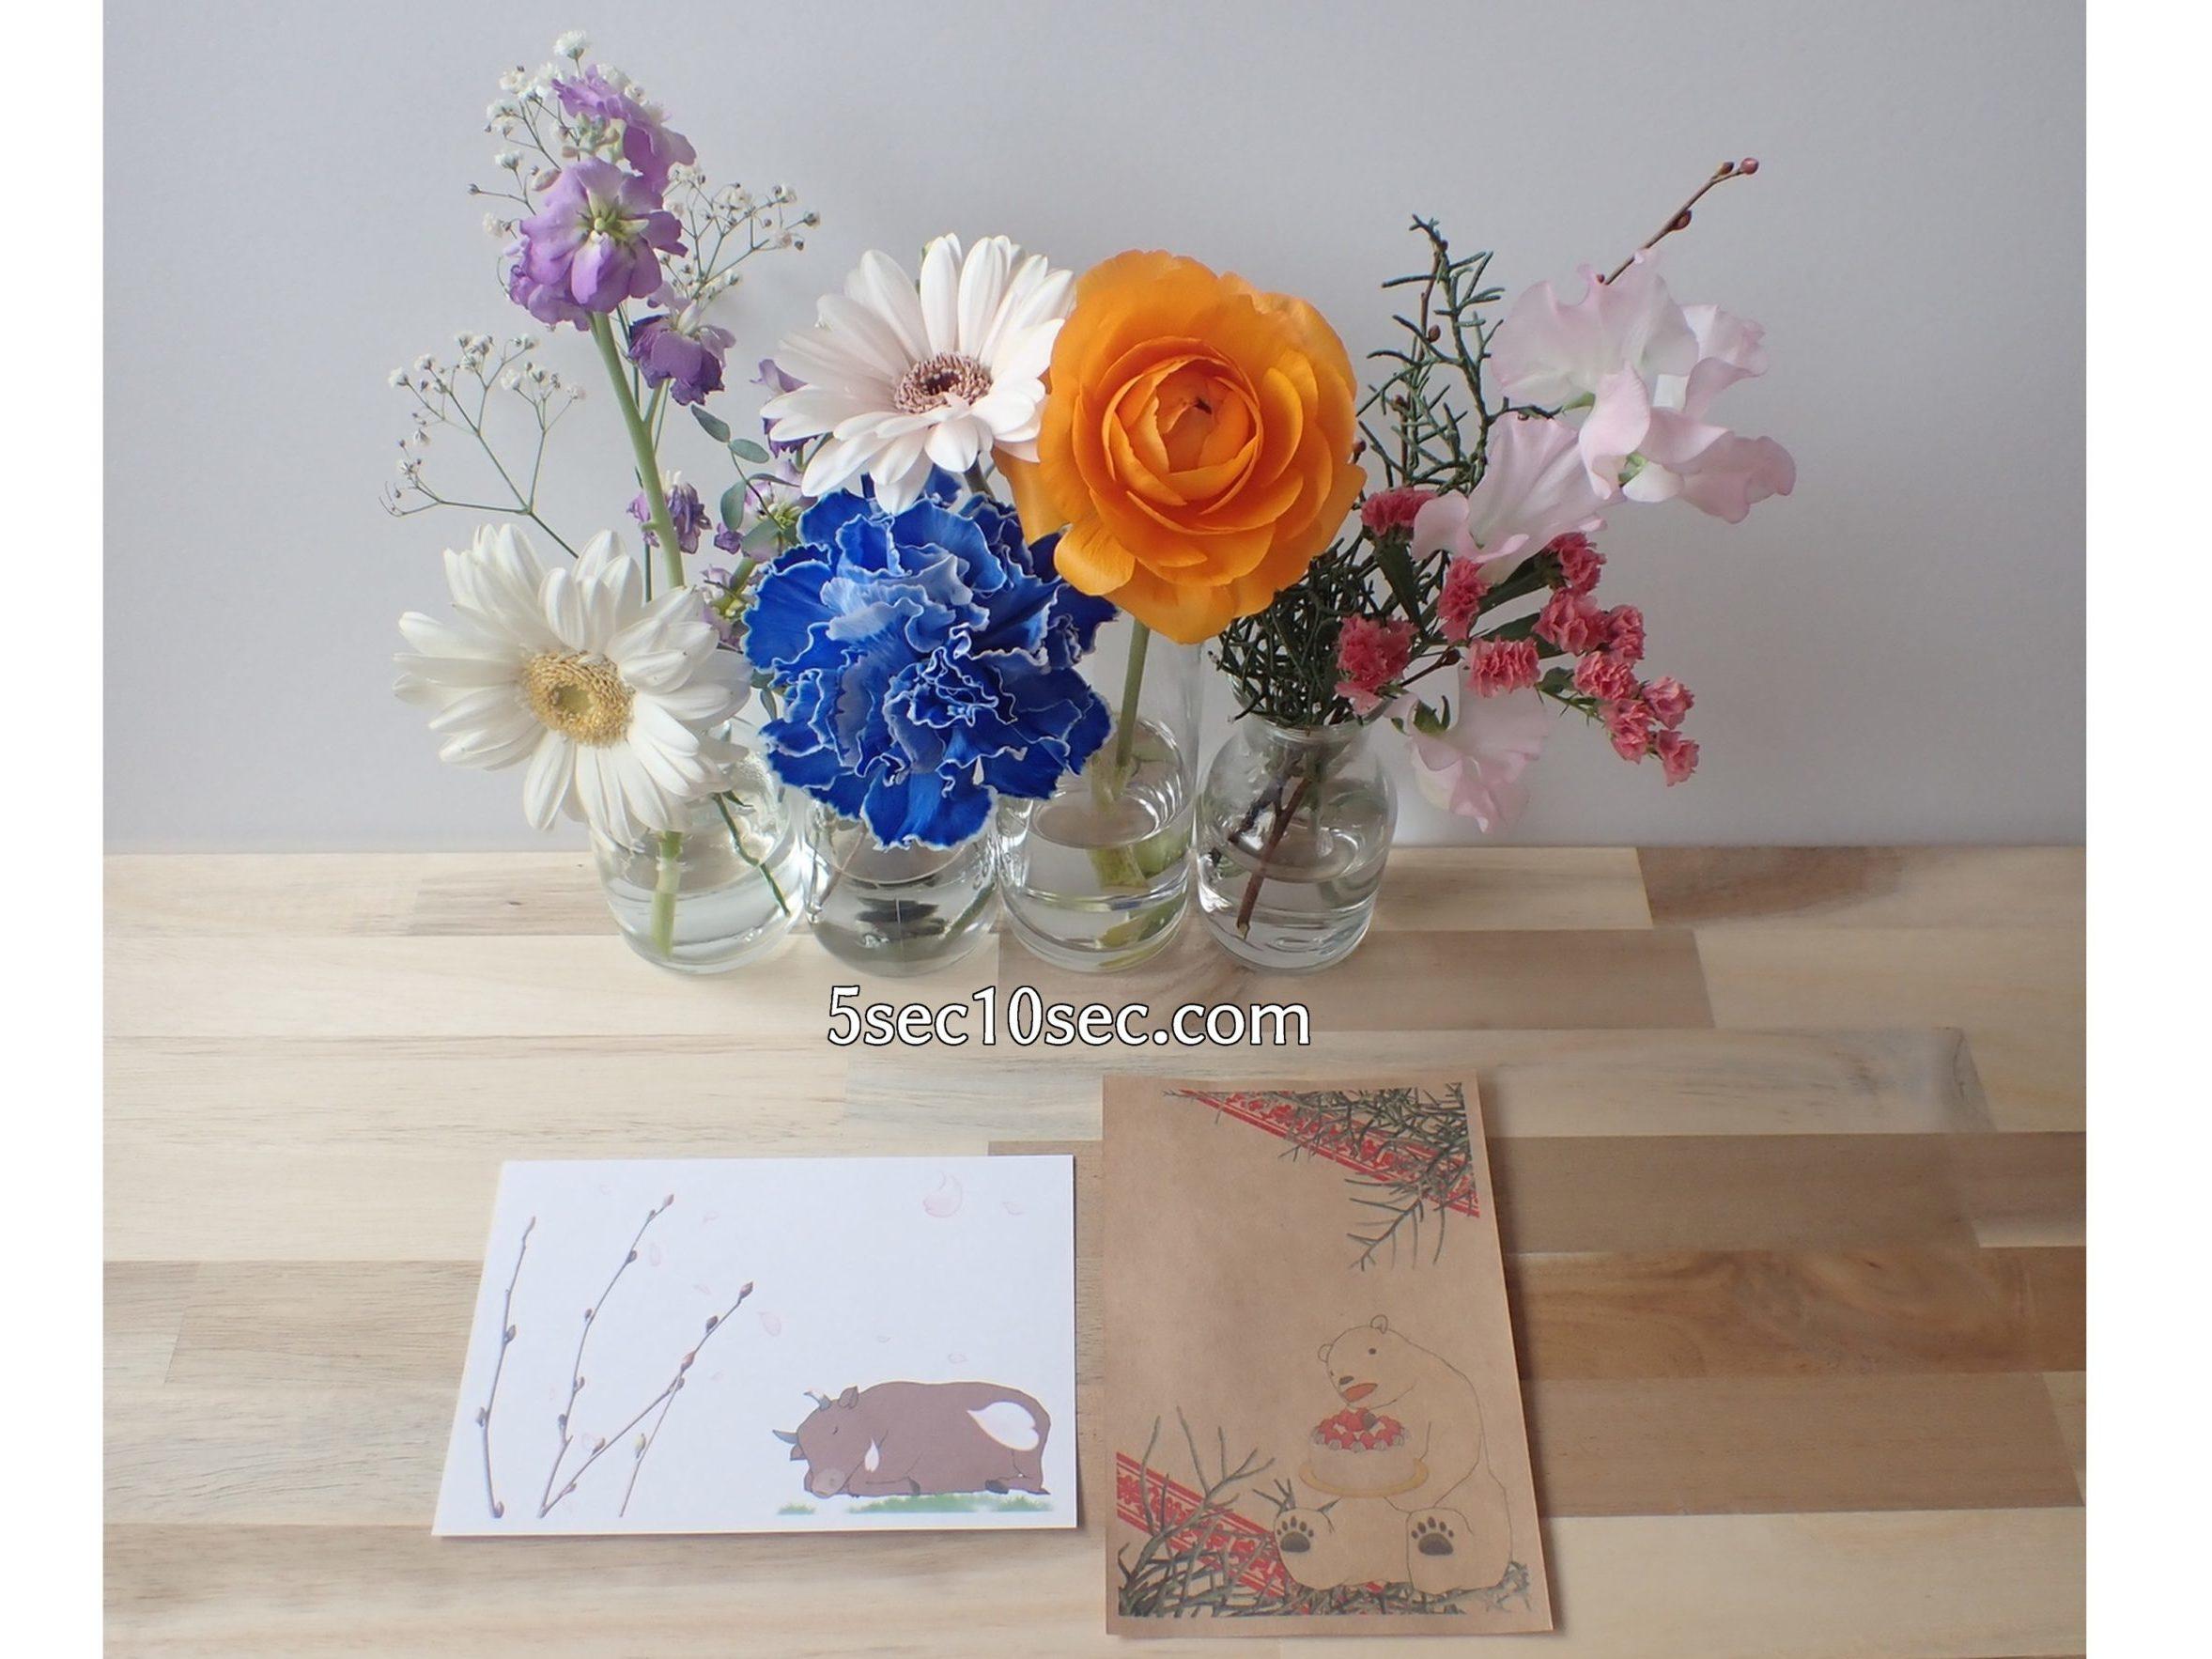 株式会社Crunch Style お花の定期便 Bloomee LIFE ブルーミーライフ レギュラープラン 前回のお花と今回のお花、クリスマスカードと年賀状を作ってみた